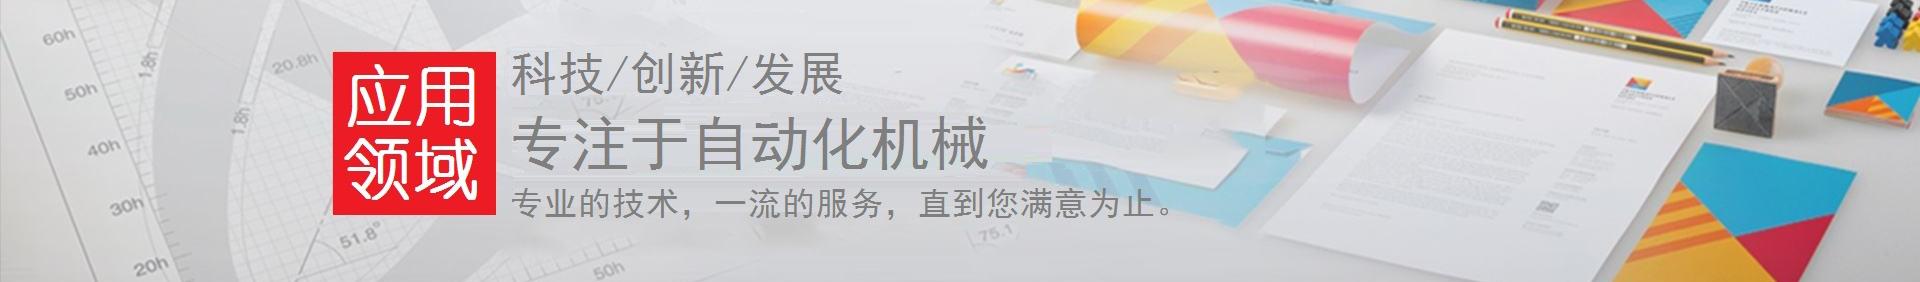 深圳自动组装机